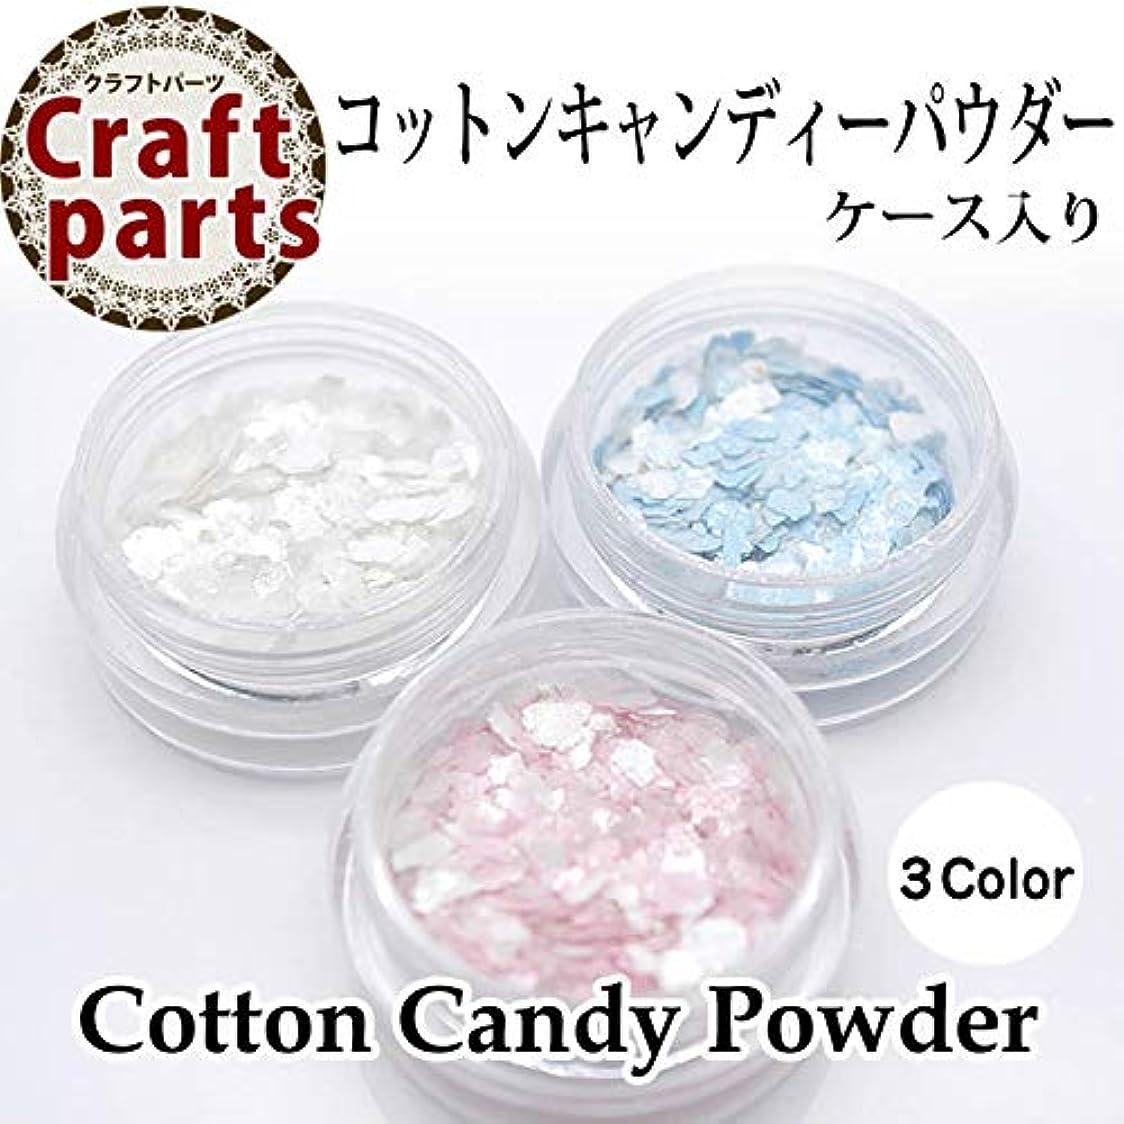 マチュピチュ六汚染コットンキャンディーパウダー 各種 1g ケース入り (3. キャンディーブルー)